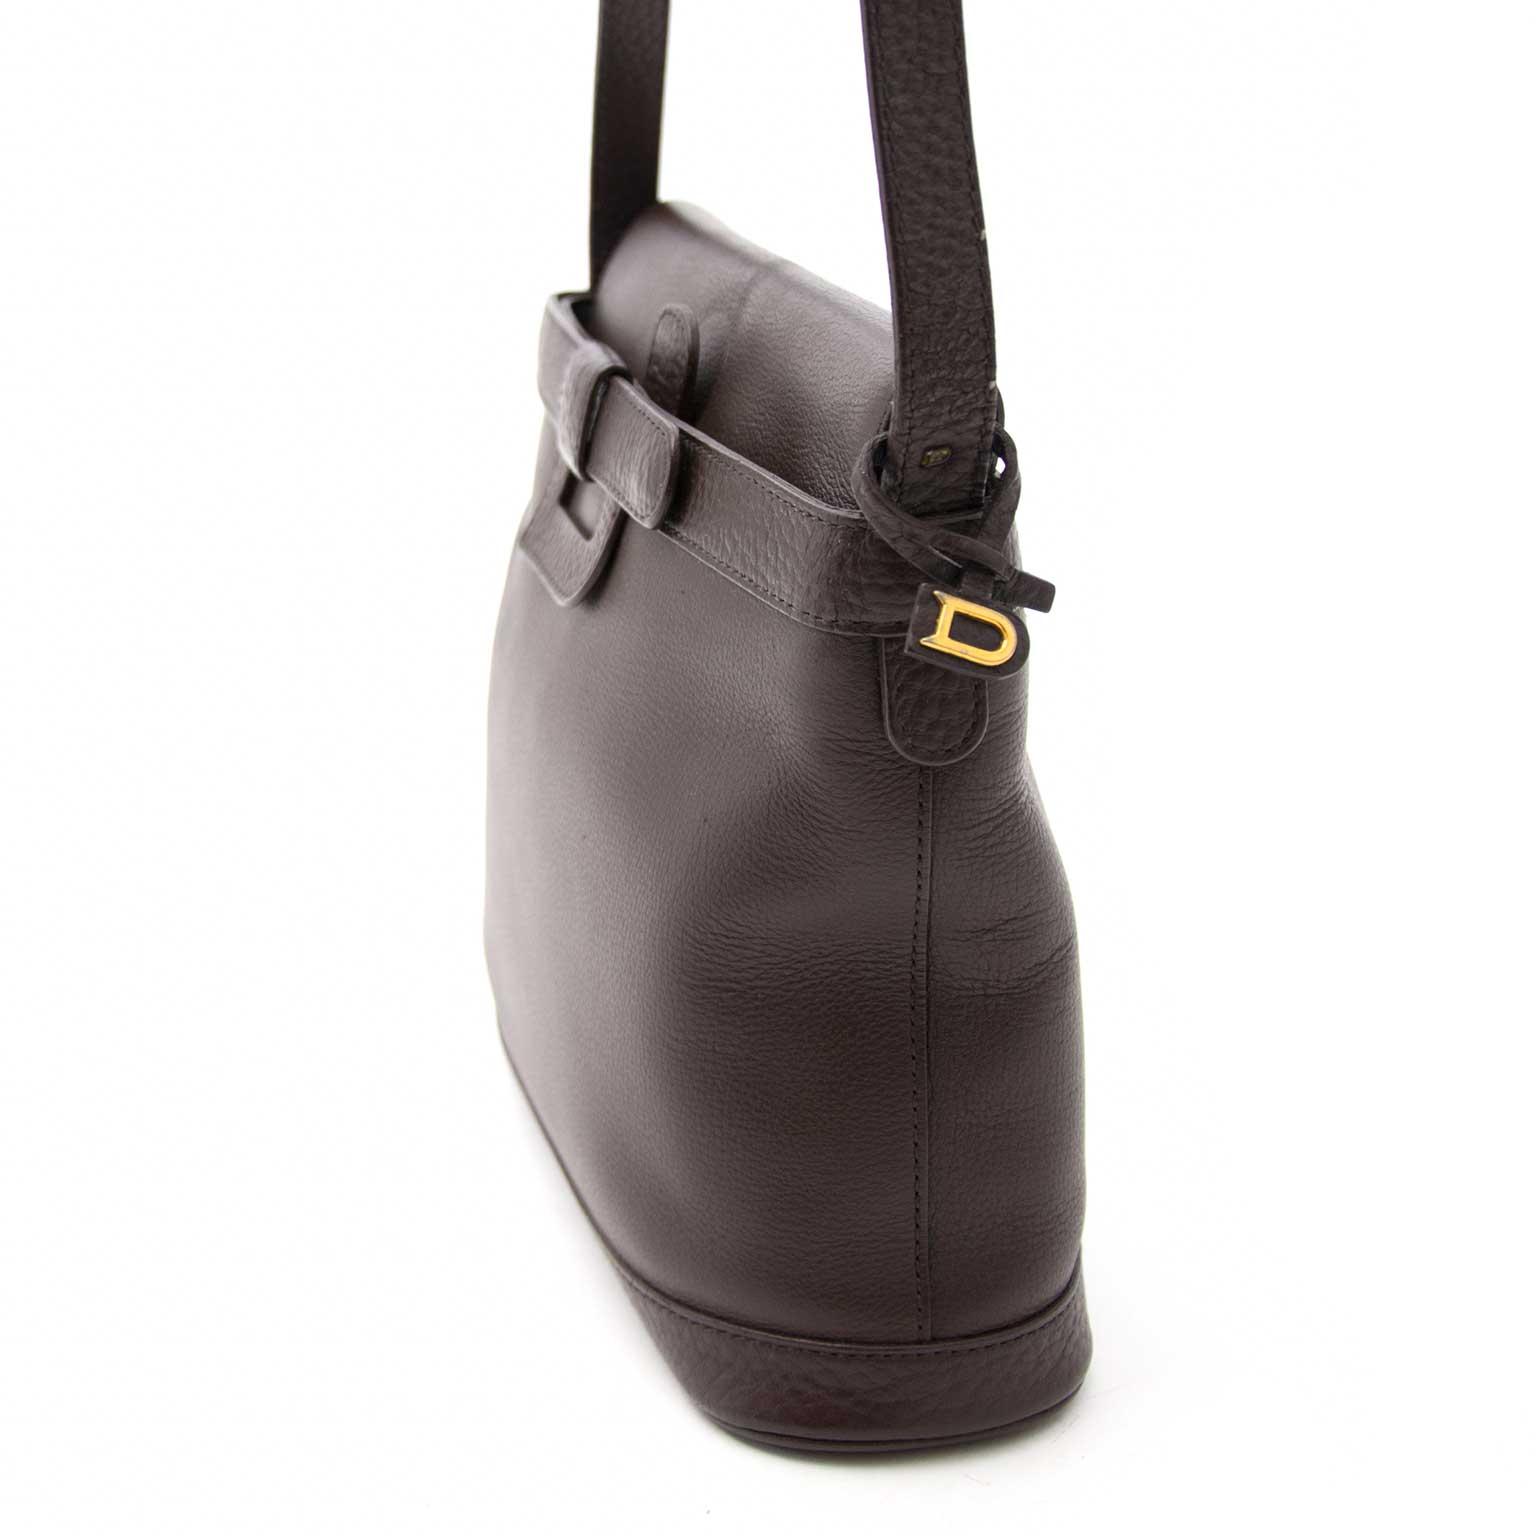 Bent u op zoek naar een Delvaux Brown Leather Shoulder Bag?